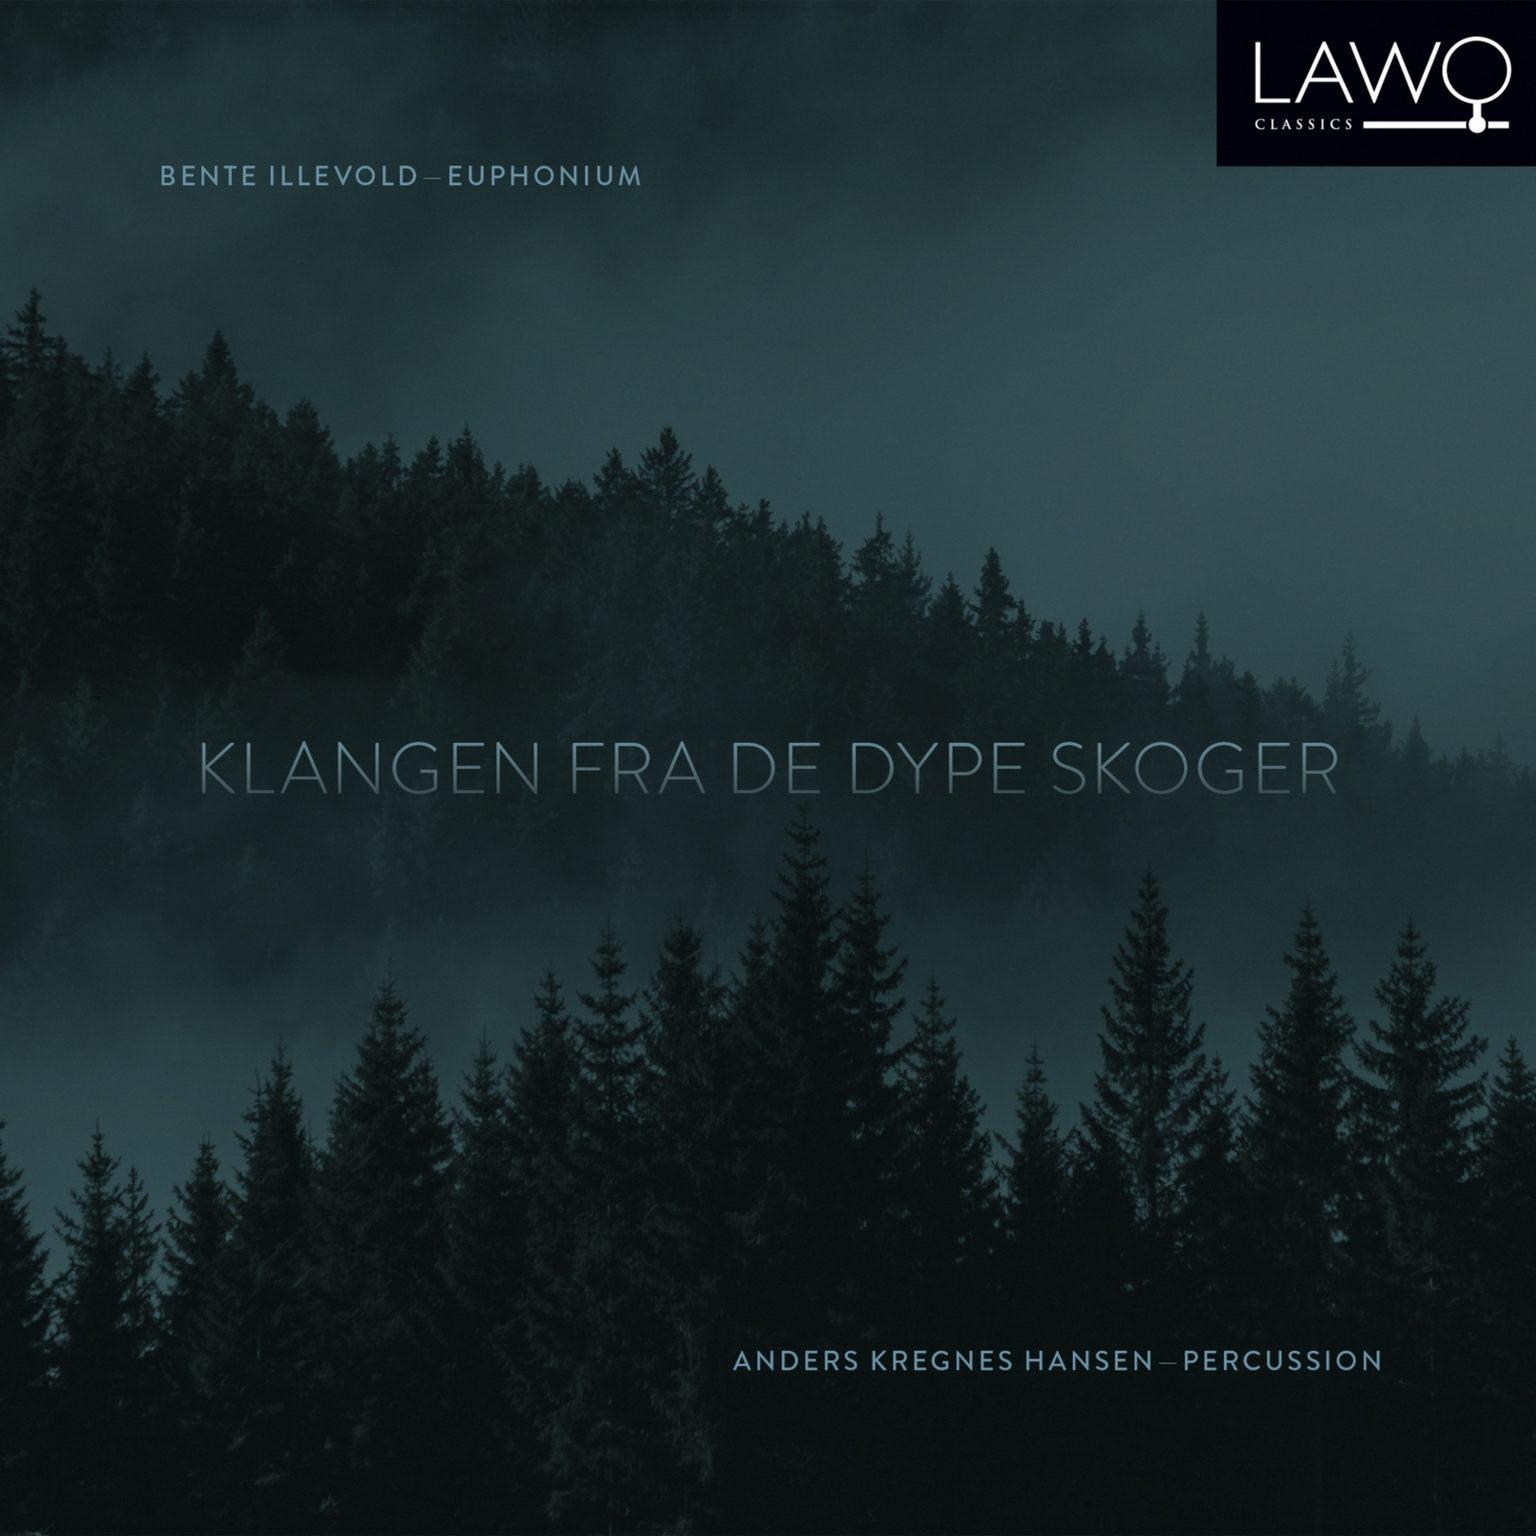 Click image for larger version.  Name:LWC1195_Bente_Illevold_Klangen_fra_de_dype_skoger_cover_3000x3000px-1536x1536.jpg Views:182 Size:174.8 KB ID:7720